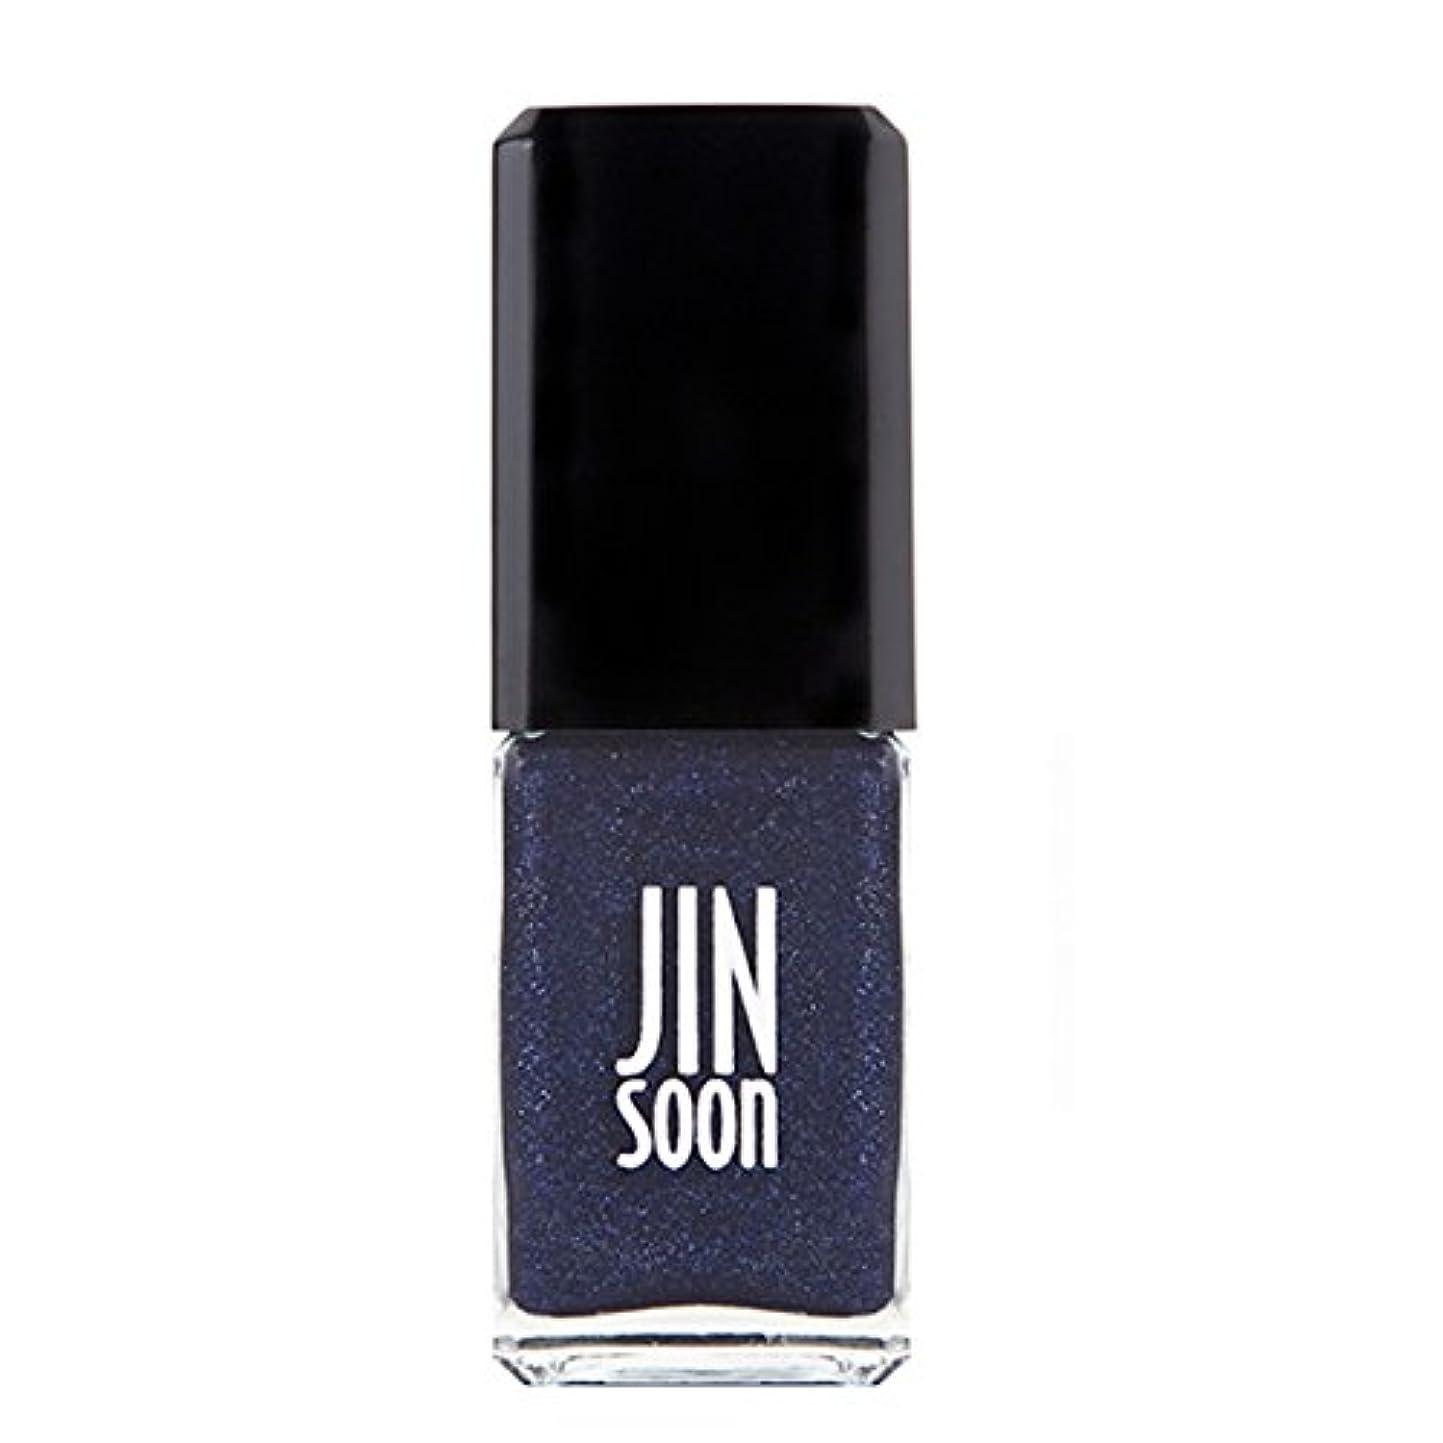 遺体安置所外向きに同意する[ジンスーン] [ jinsoon] アズライト(スパークリング ミッドナイト ブルー)AZURITE ジンスーン 5フリー ネイルポリッシュ ブルー 11mL